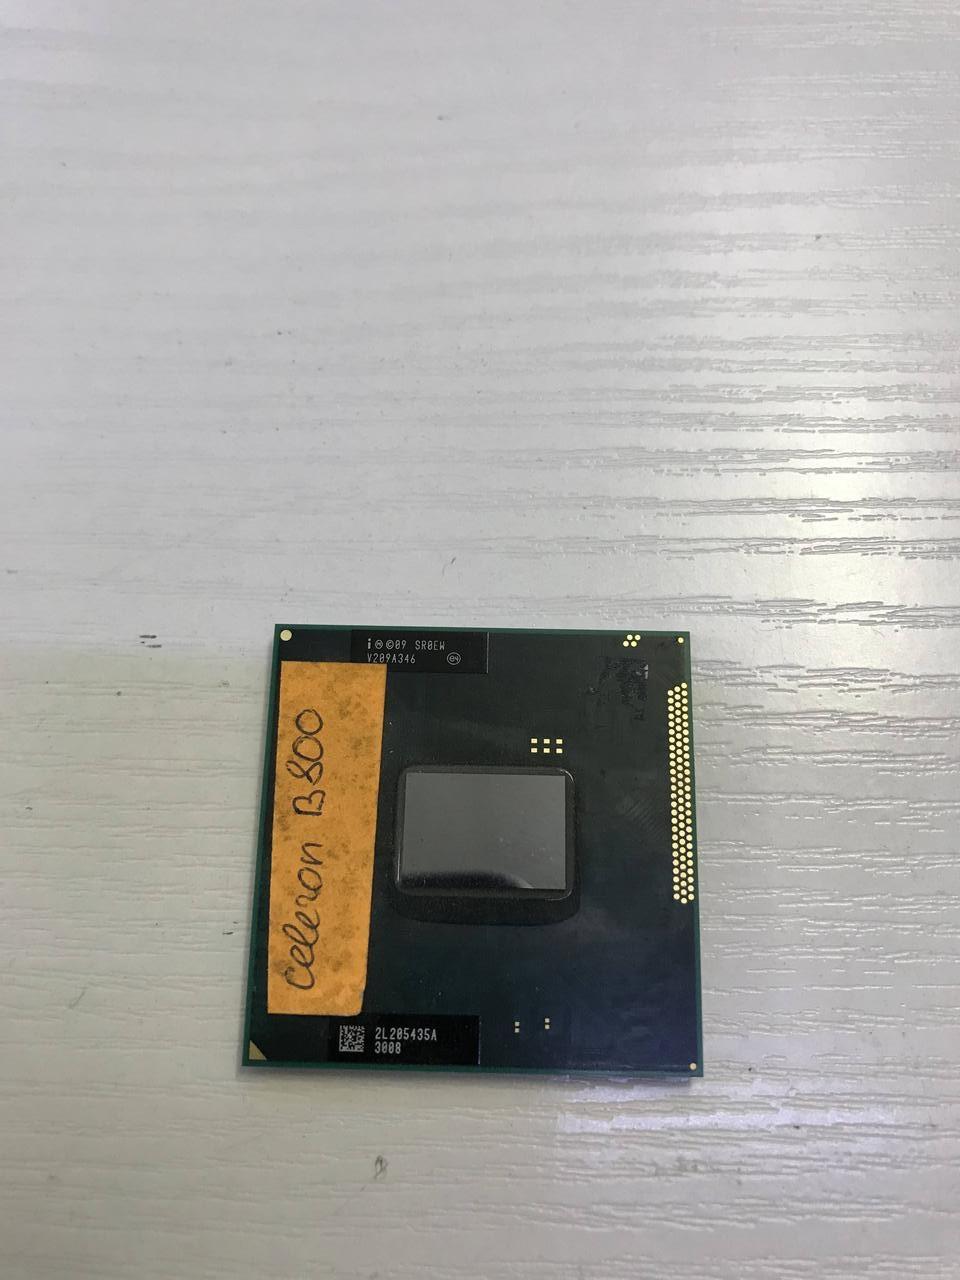 Процессор Intel Celeron B800 - SR0EW  - рабочий и исправный. Гарантия 1 месяц